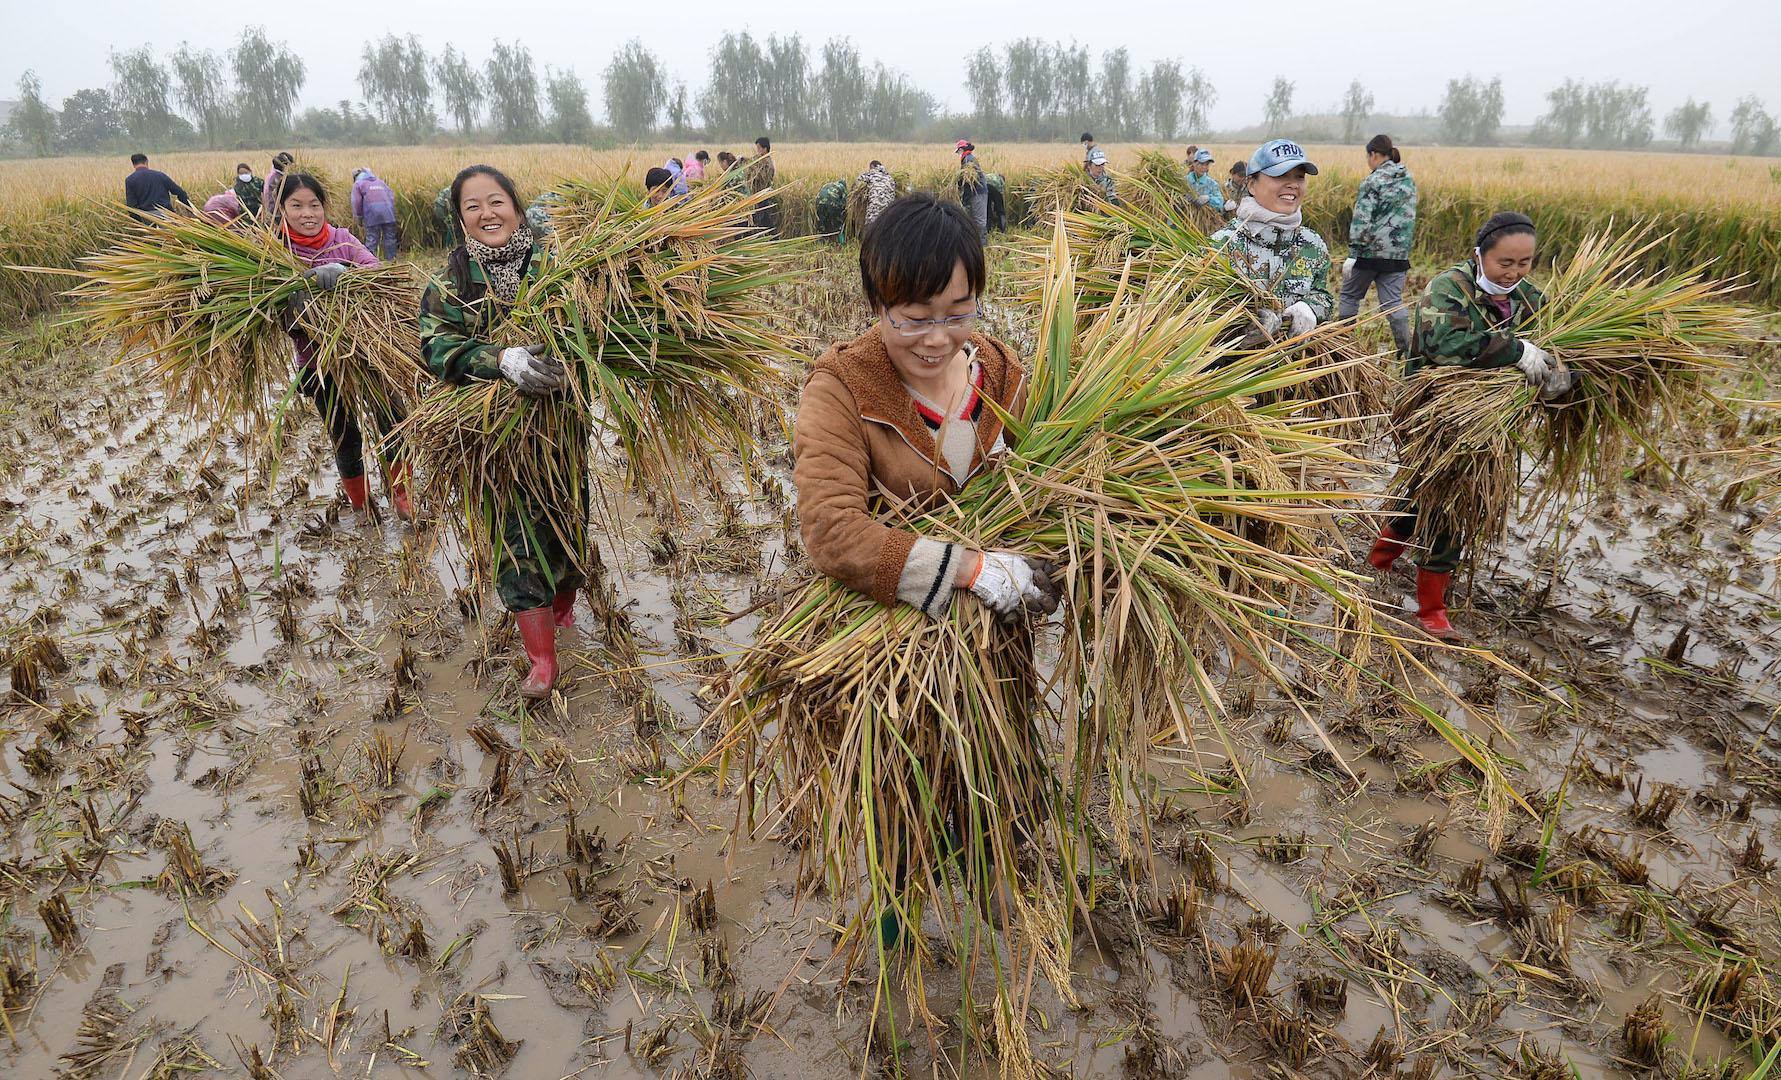 La récolte de riz hybride près de Handan, dans la province du Hebei au nord-est de la Chine, le 15 octobre 2017. (Crédits : HAO QUNYING / IMAGINECHINA / via AFP)